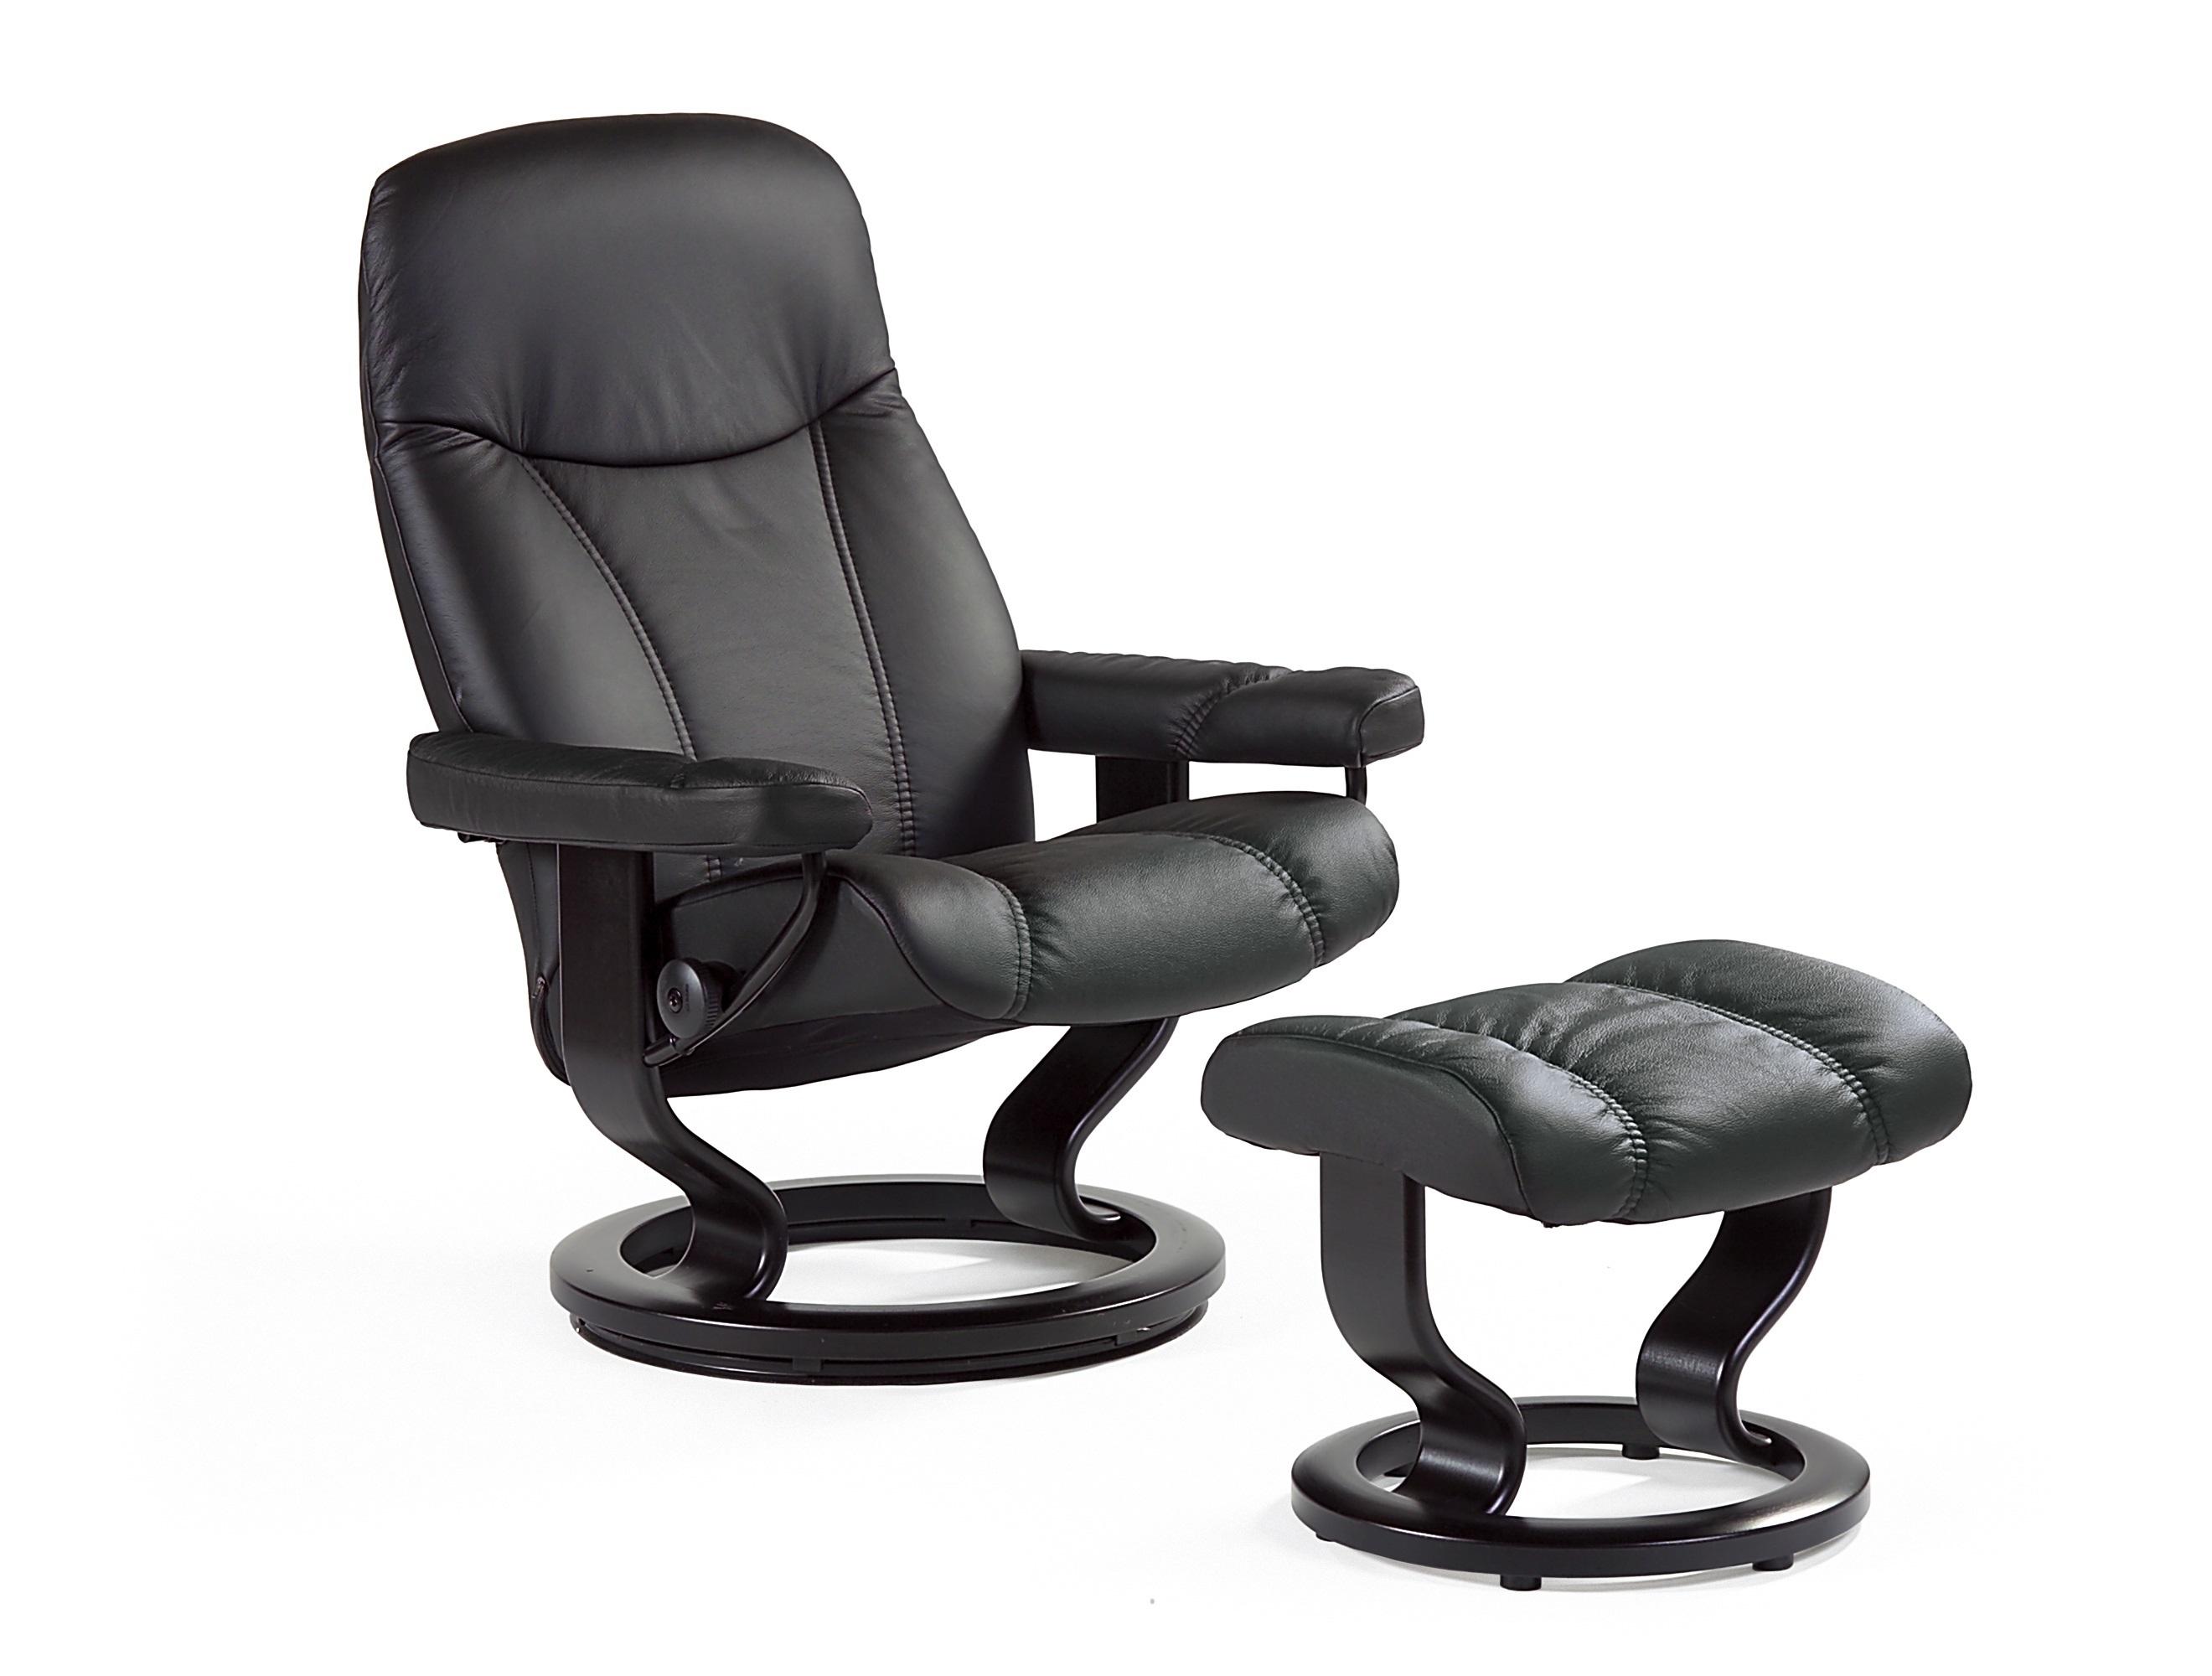 Stressless Sessel Gebraucht Sterreich Wohnzimmer Accessoires Auf Rechnung U2013 Dumss